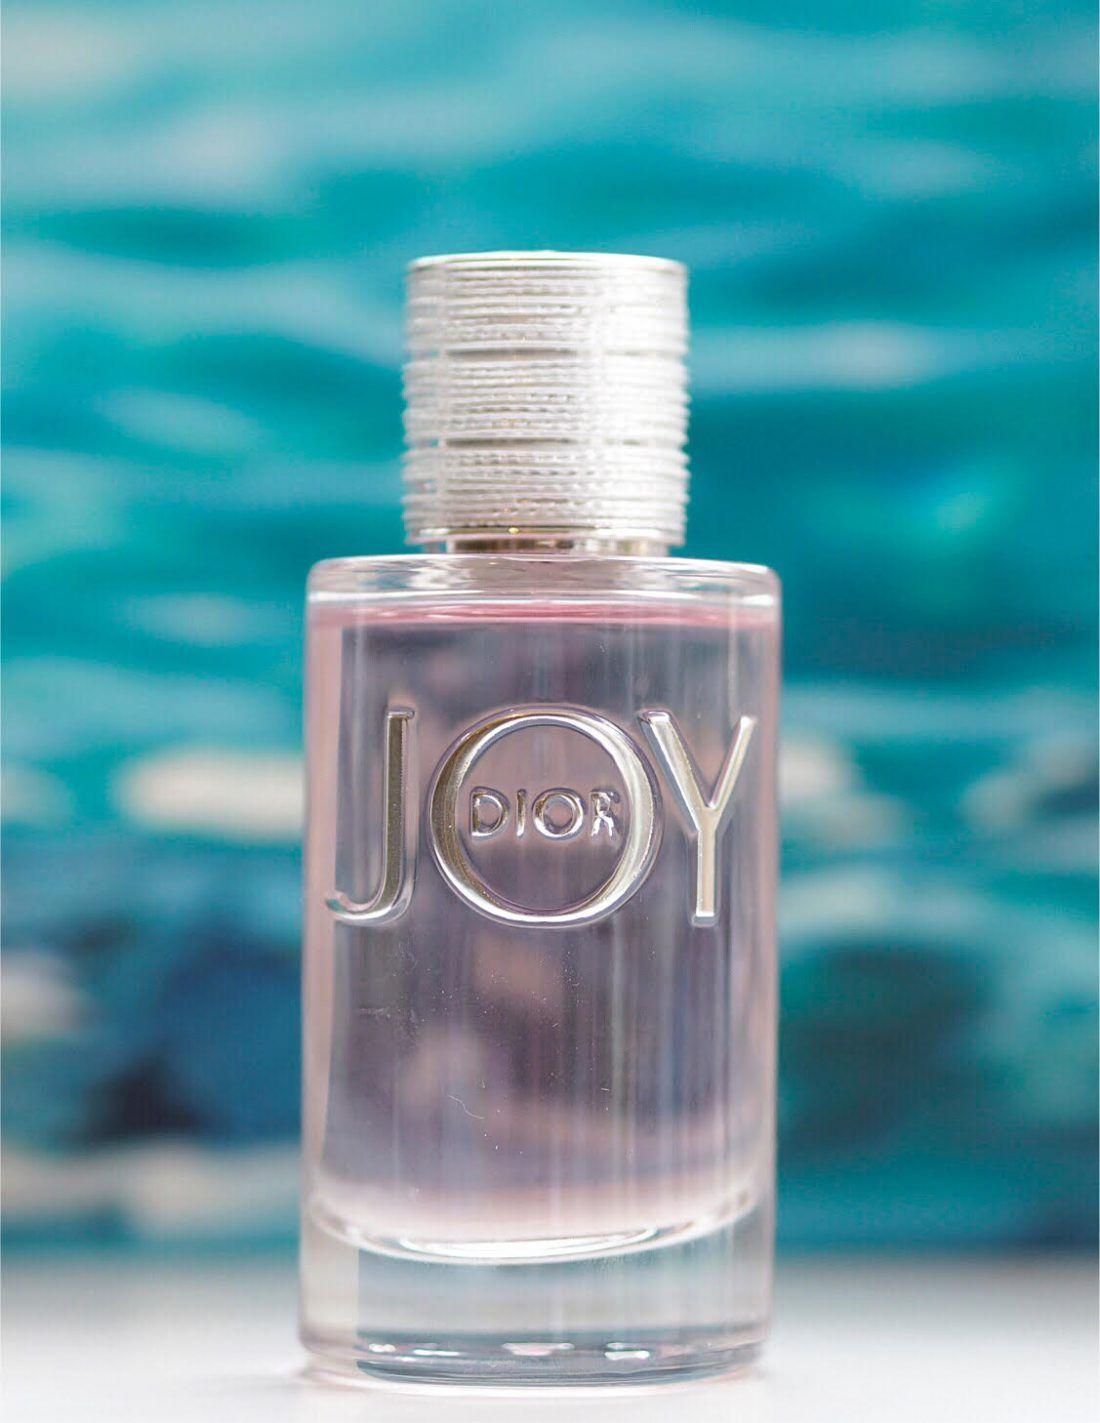 Dior Joy Fragrance Skin Body Perfumes Dior Fragrance Dior